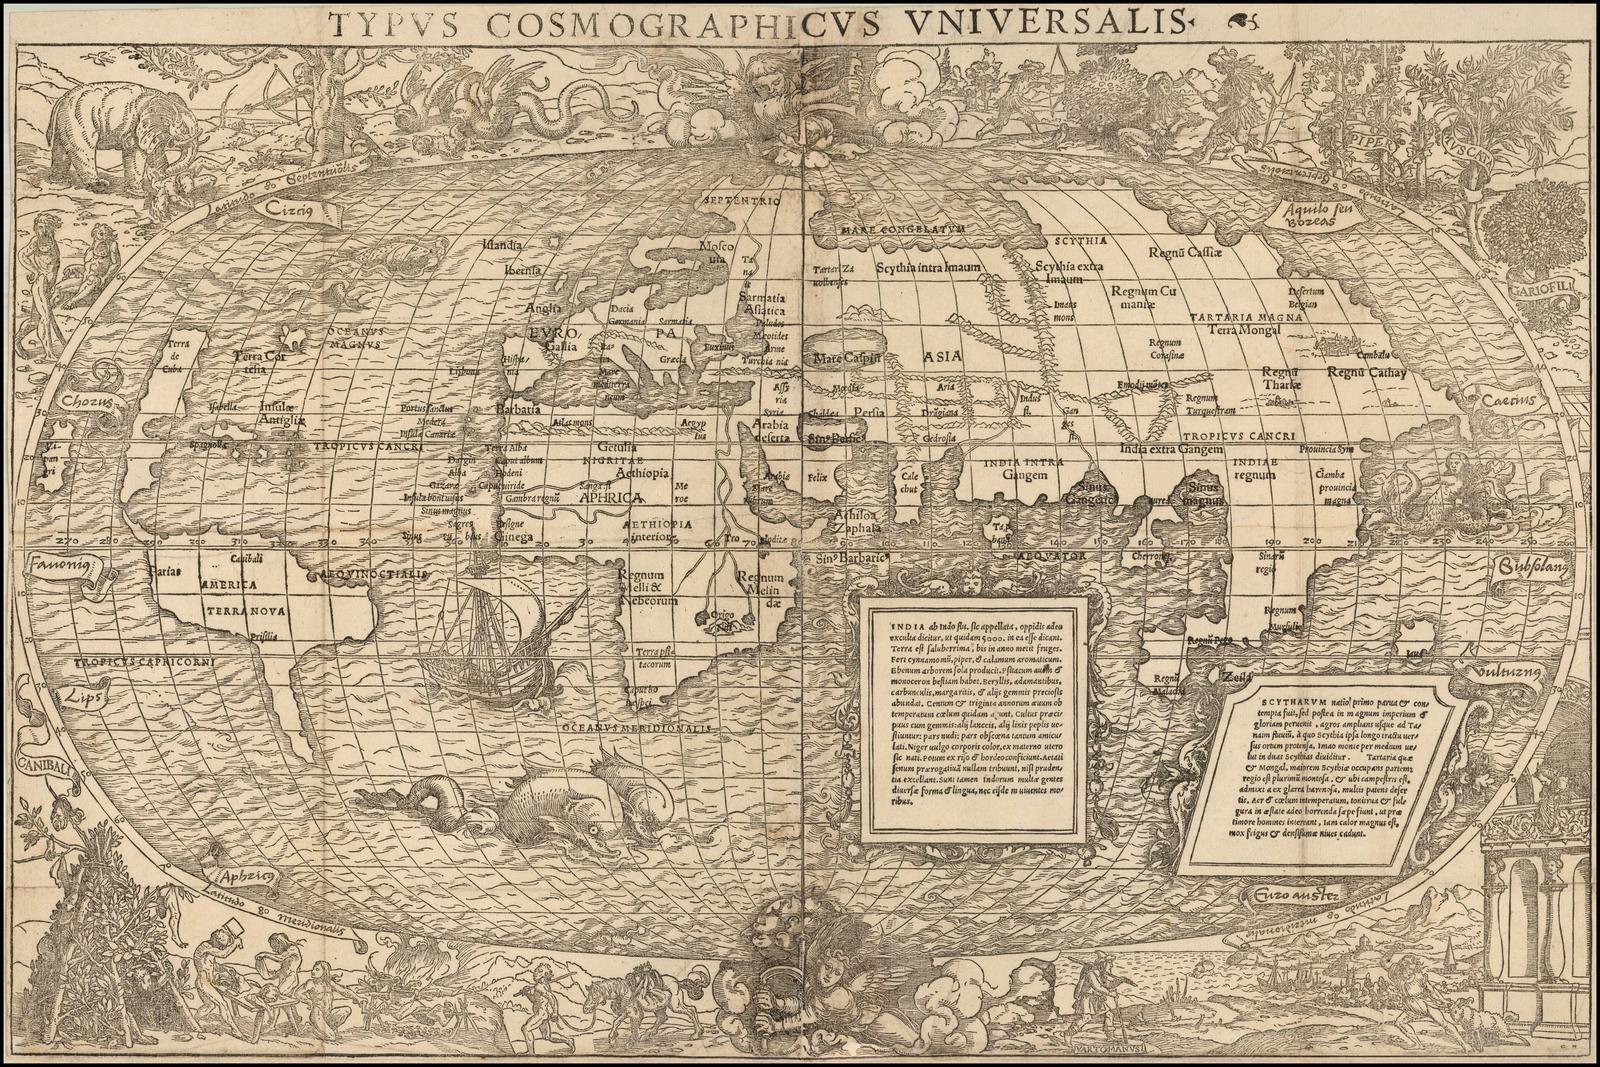 Одна из самых интересных античных карт мира 16 века Себастьяна Мюнстера и Симона Гринея